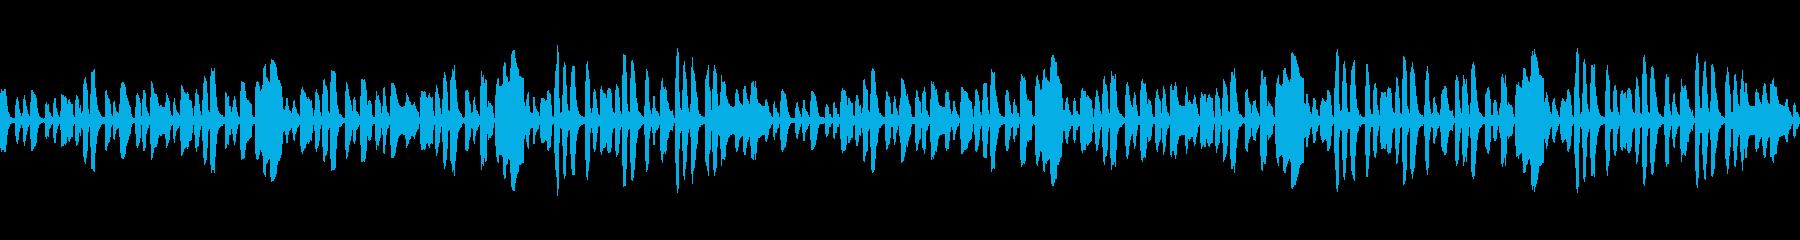 ほのぼの、日常のゆるやかなアニメ風BGMの再生済みの波形